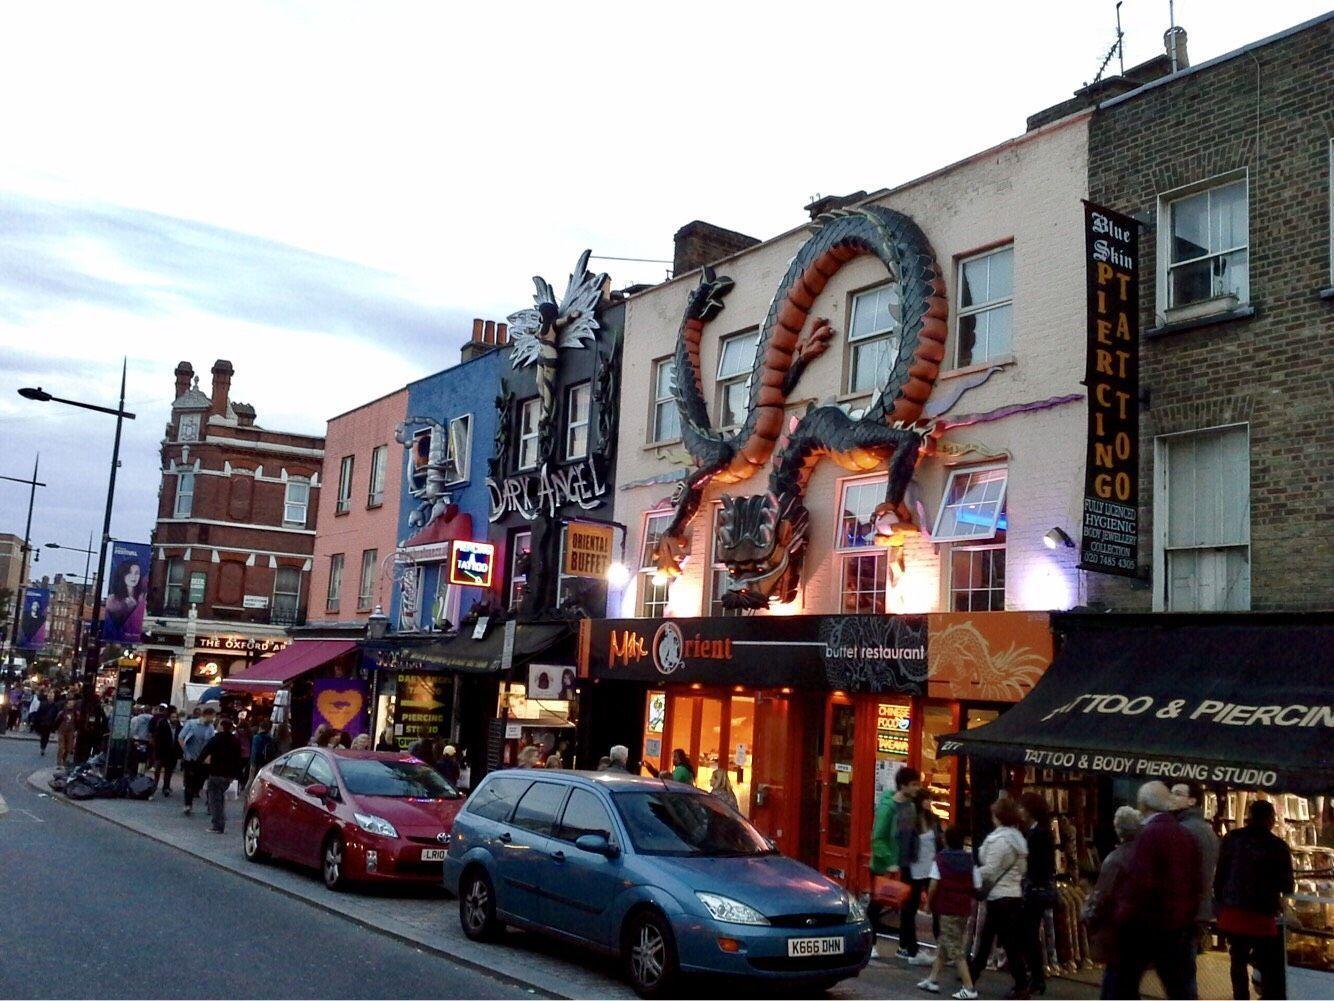 No solo existe Camden Town